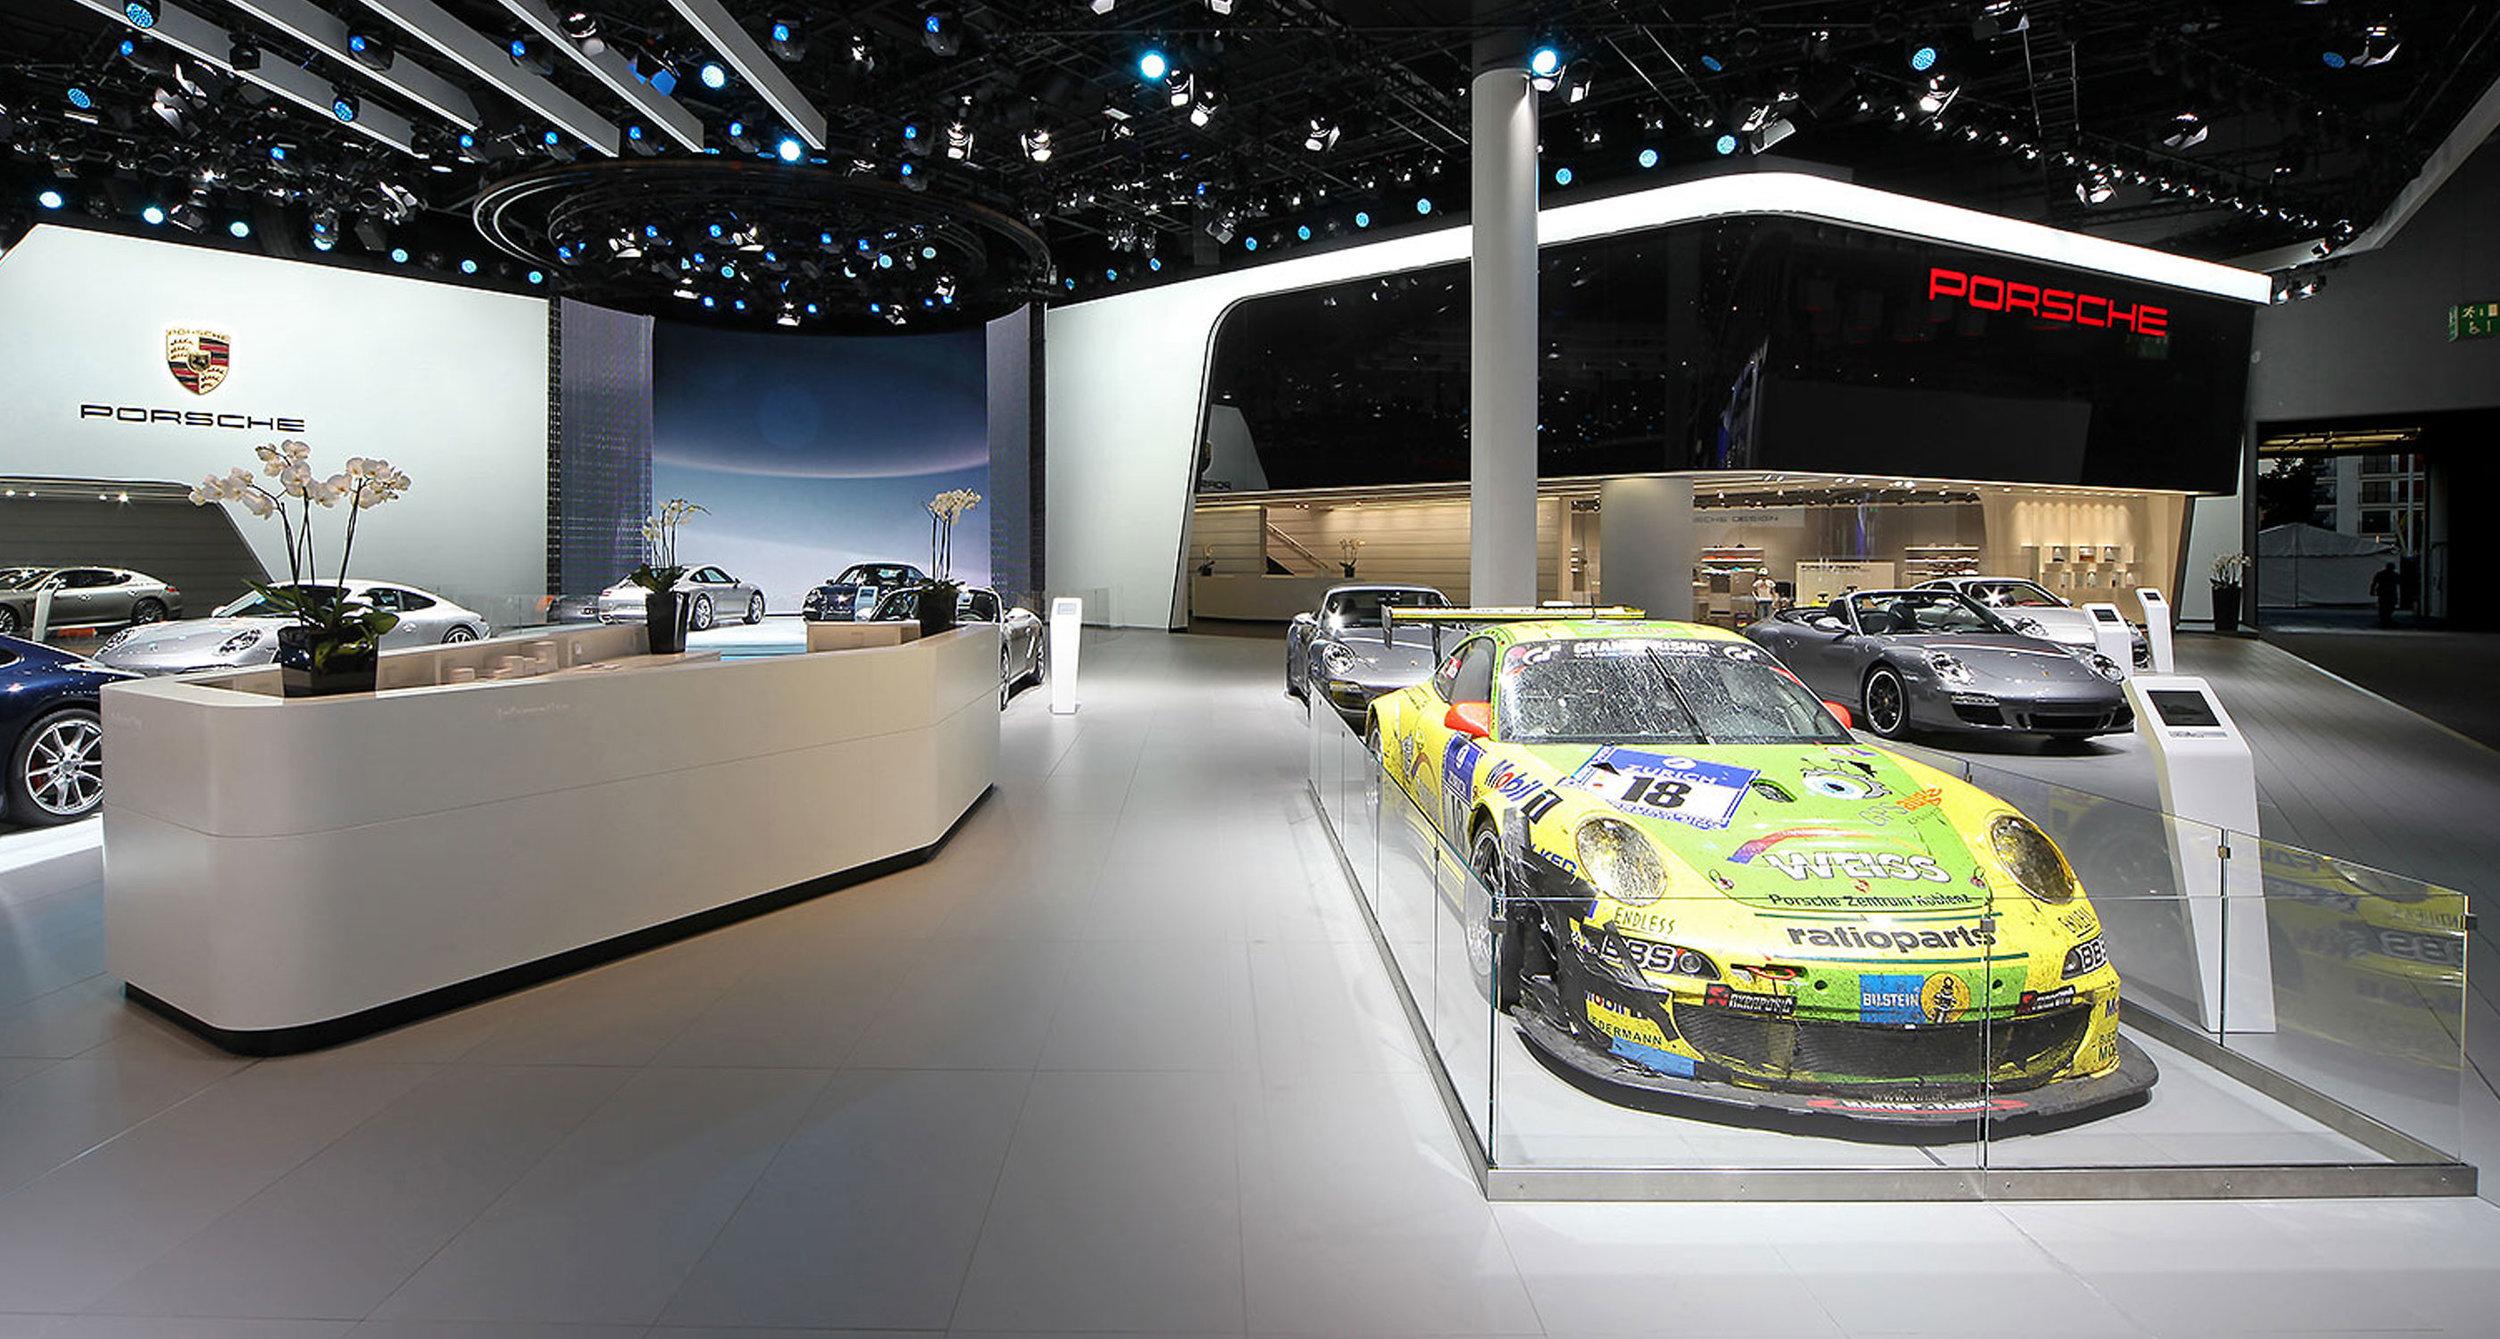 Dynamik & Präzision. - Agentur für Marken(t)räume — Porsche AG